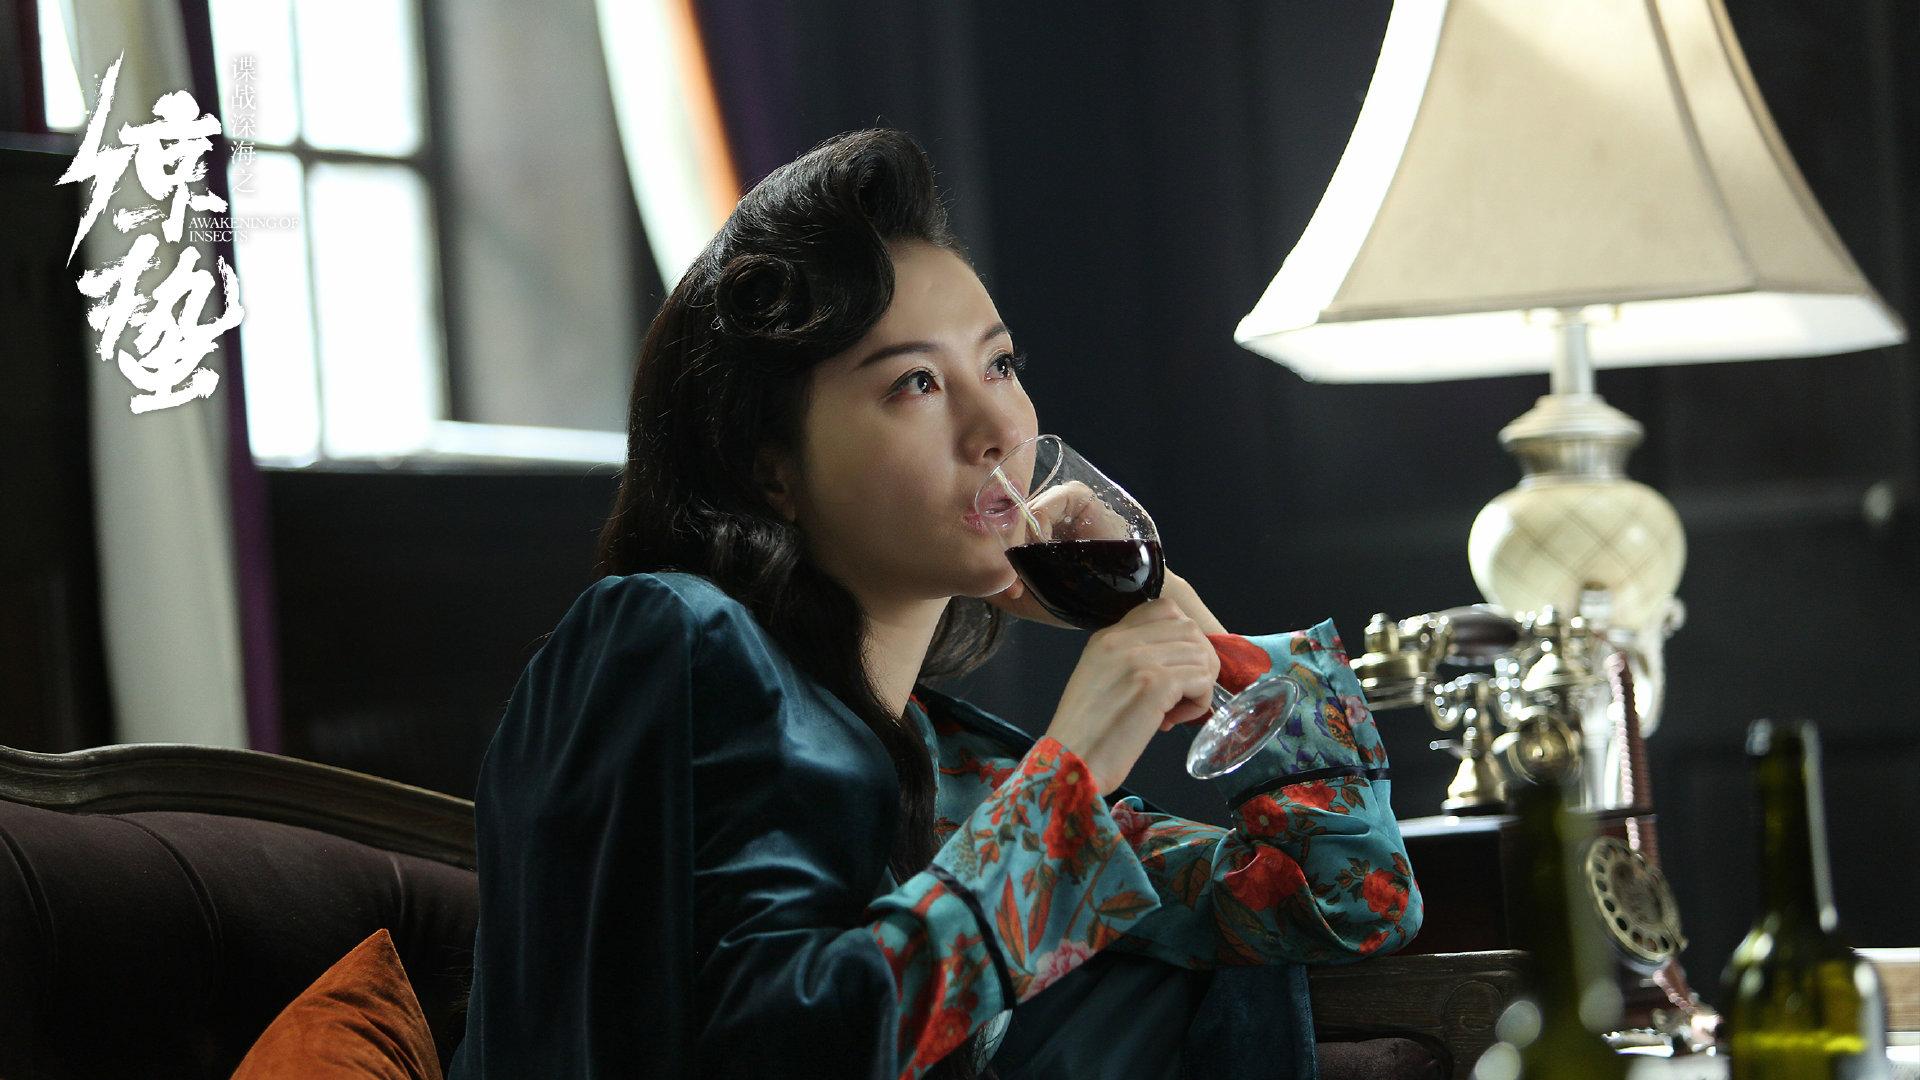 《谍战深海之惊蛰》王婉娟聊与钱时英的感情纠葛 称早把陈山当弟弟